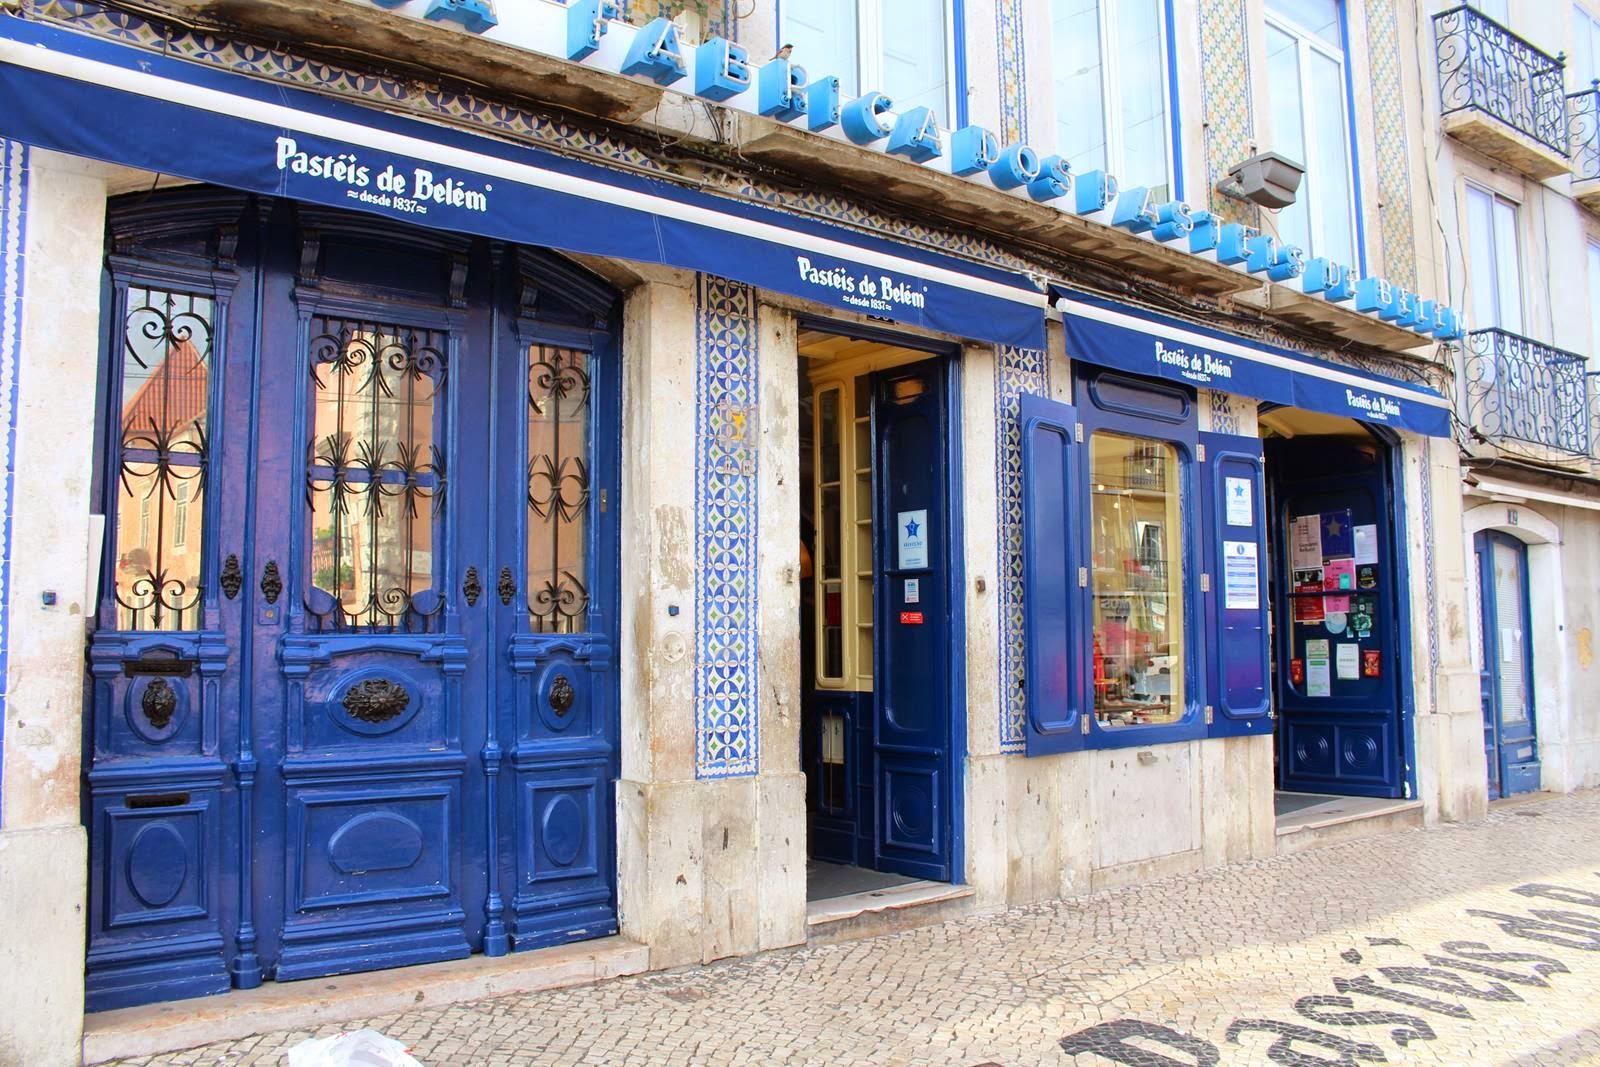 Pasteis de Belém em Lisboa | Portugal